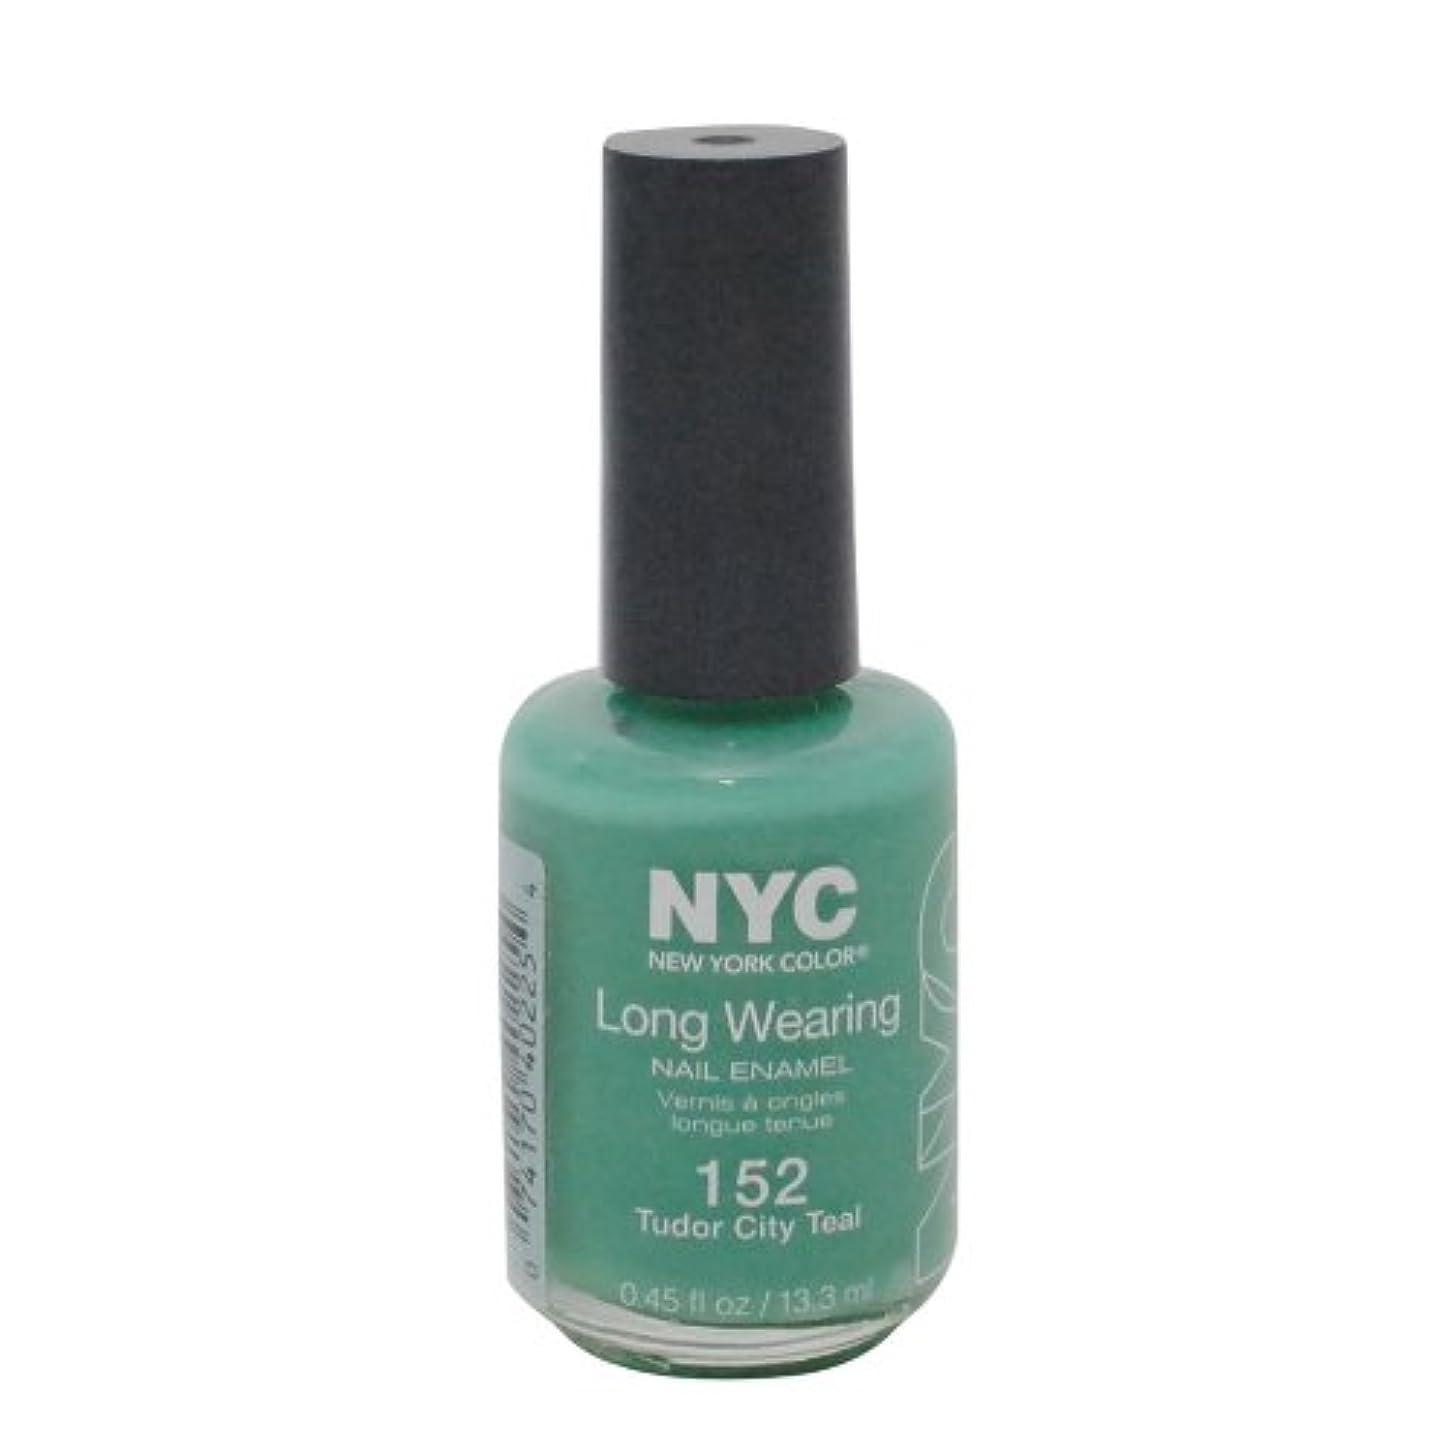 旧正月滑り台リンクNYC Long Wearing Nail Enamel - Tudor City Teal by NYC New York Color